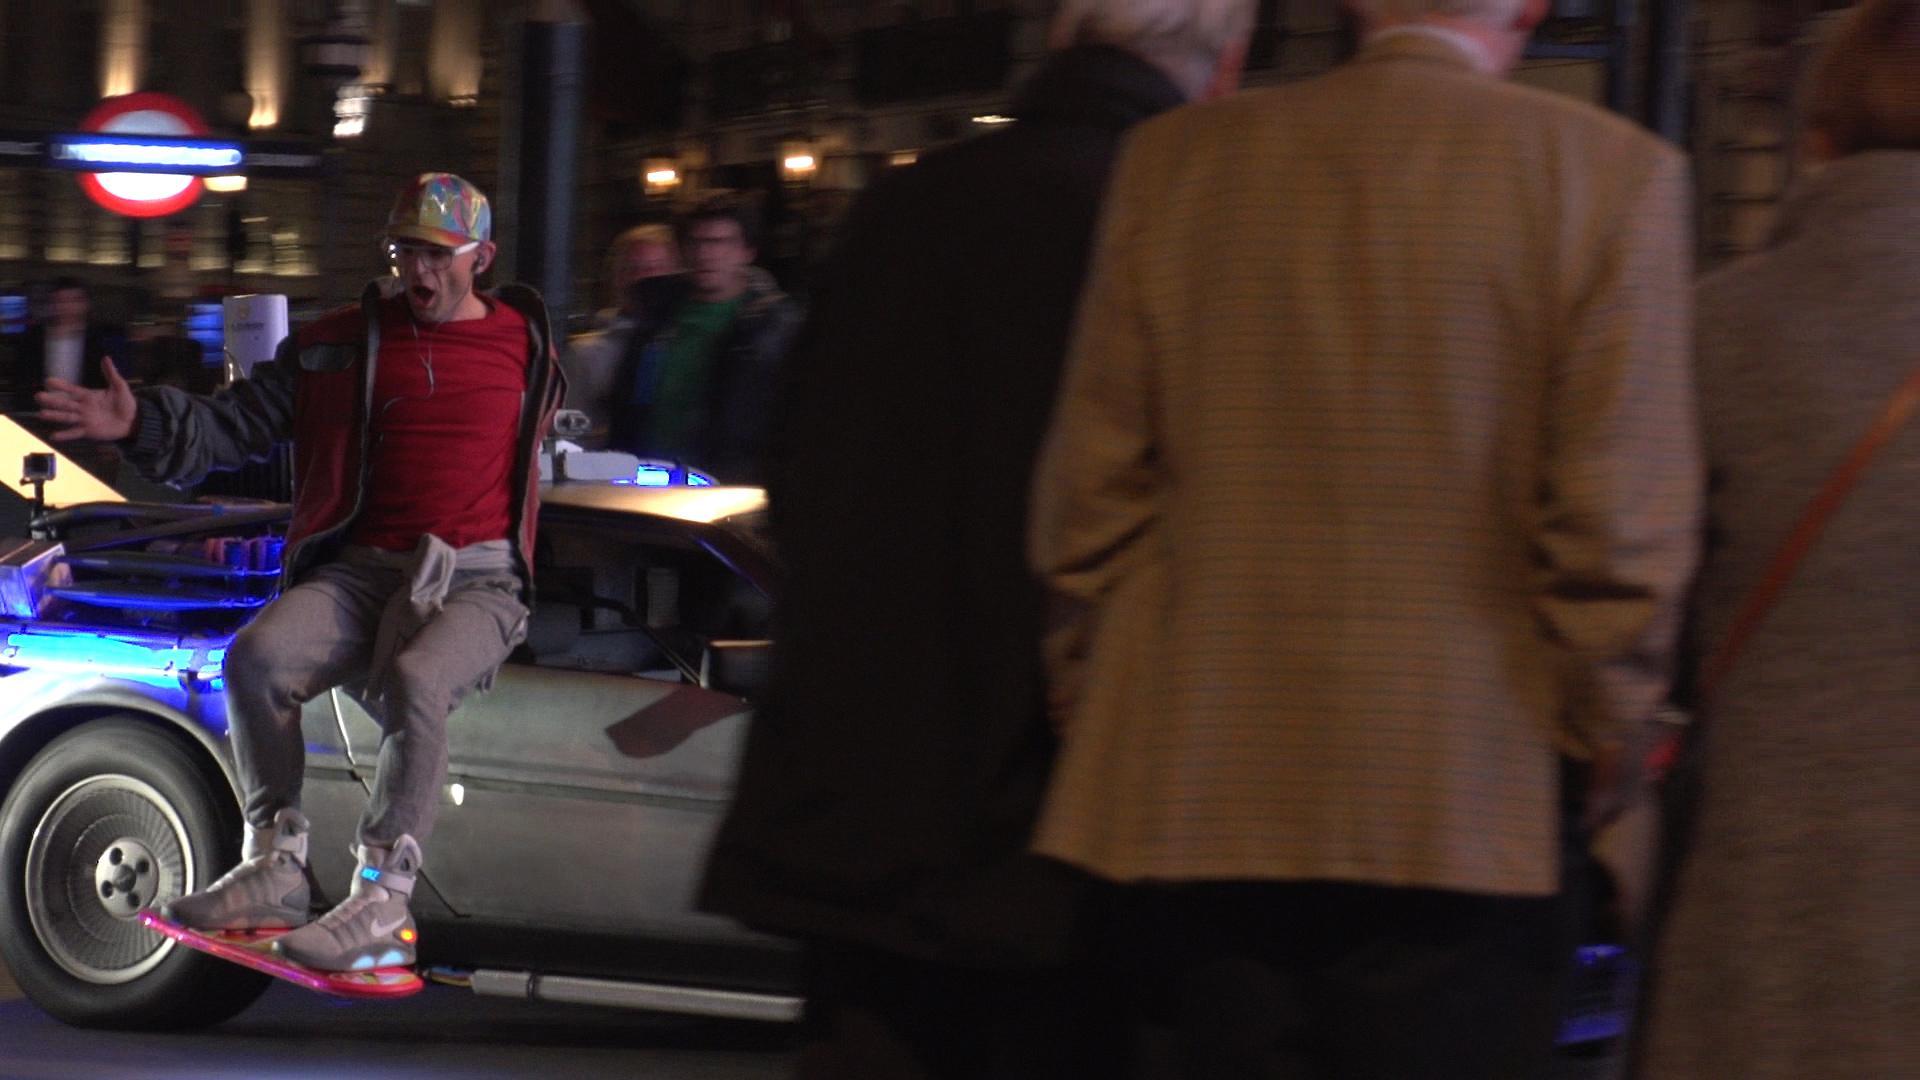 Ховерборд — это не шутка, а средство передвижения будущего | Энджи Гринап Чад Зденек Ховерборд Hendo Ховерборд Фрэнки Запате Нилс Гуэдагнин Марк Хоровиц Дин Кеймен Джинджер Джейсон Брэдбери Джейми Хайнеман гаджеты автомобильные гаджеты воздушный флейборд автогаджеты MagSurf Lexus Slide Franky Zapata Flyboard Air